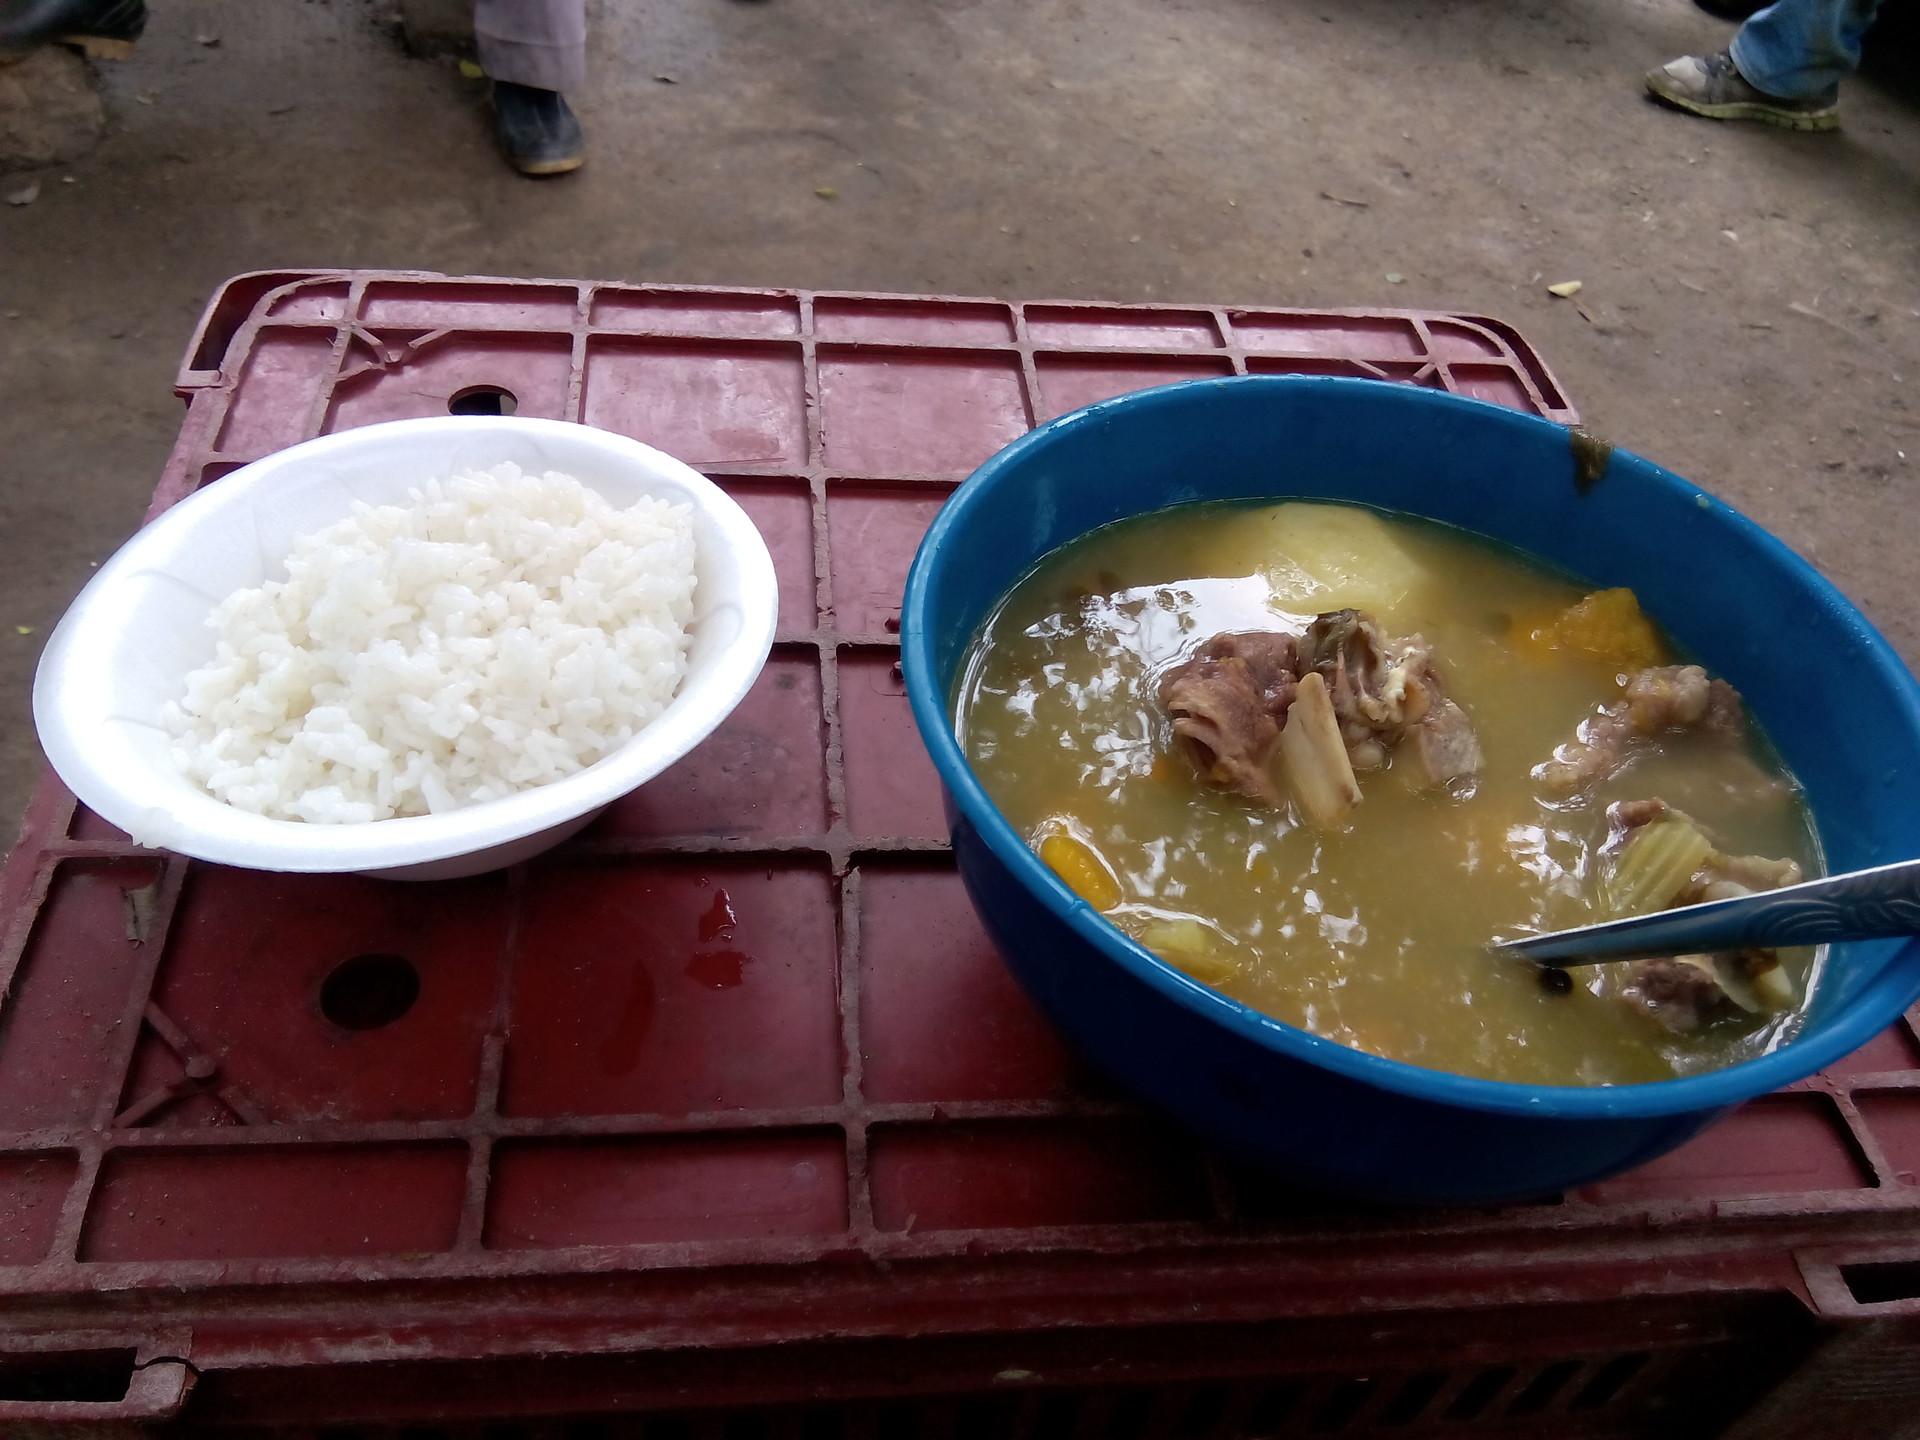 mas-comida-colombia-dd267722b3bed49ad003